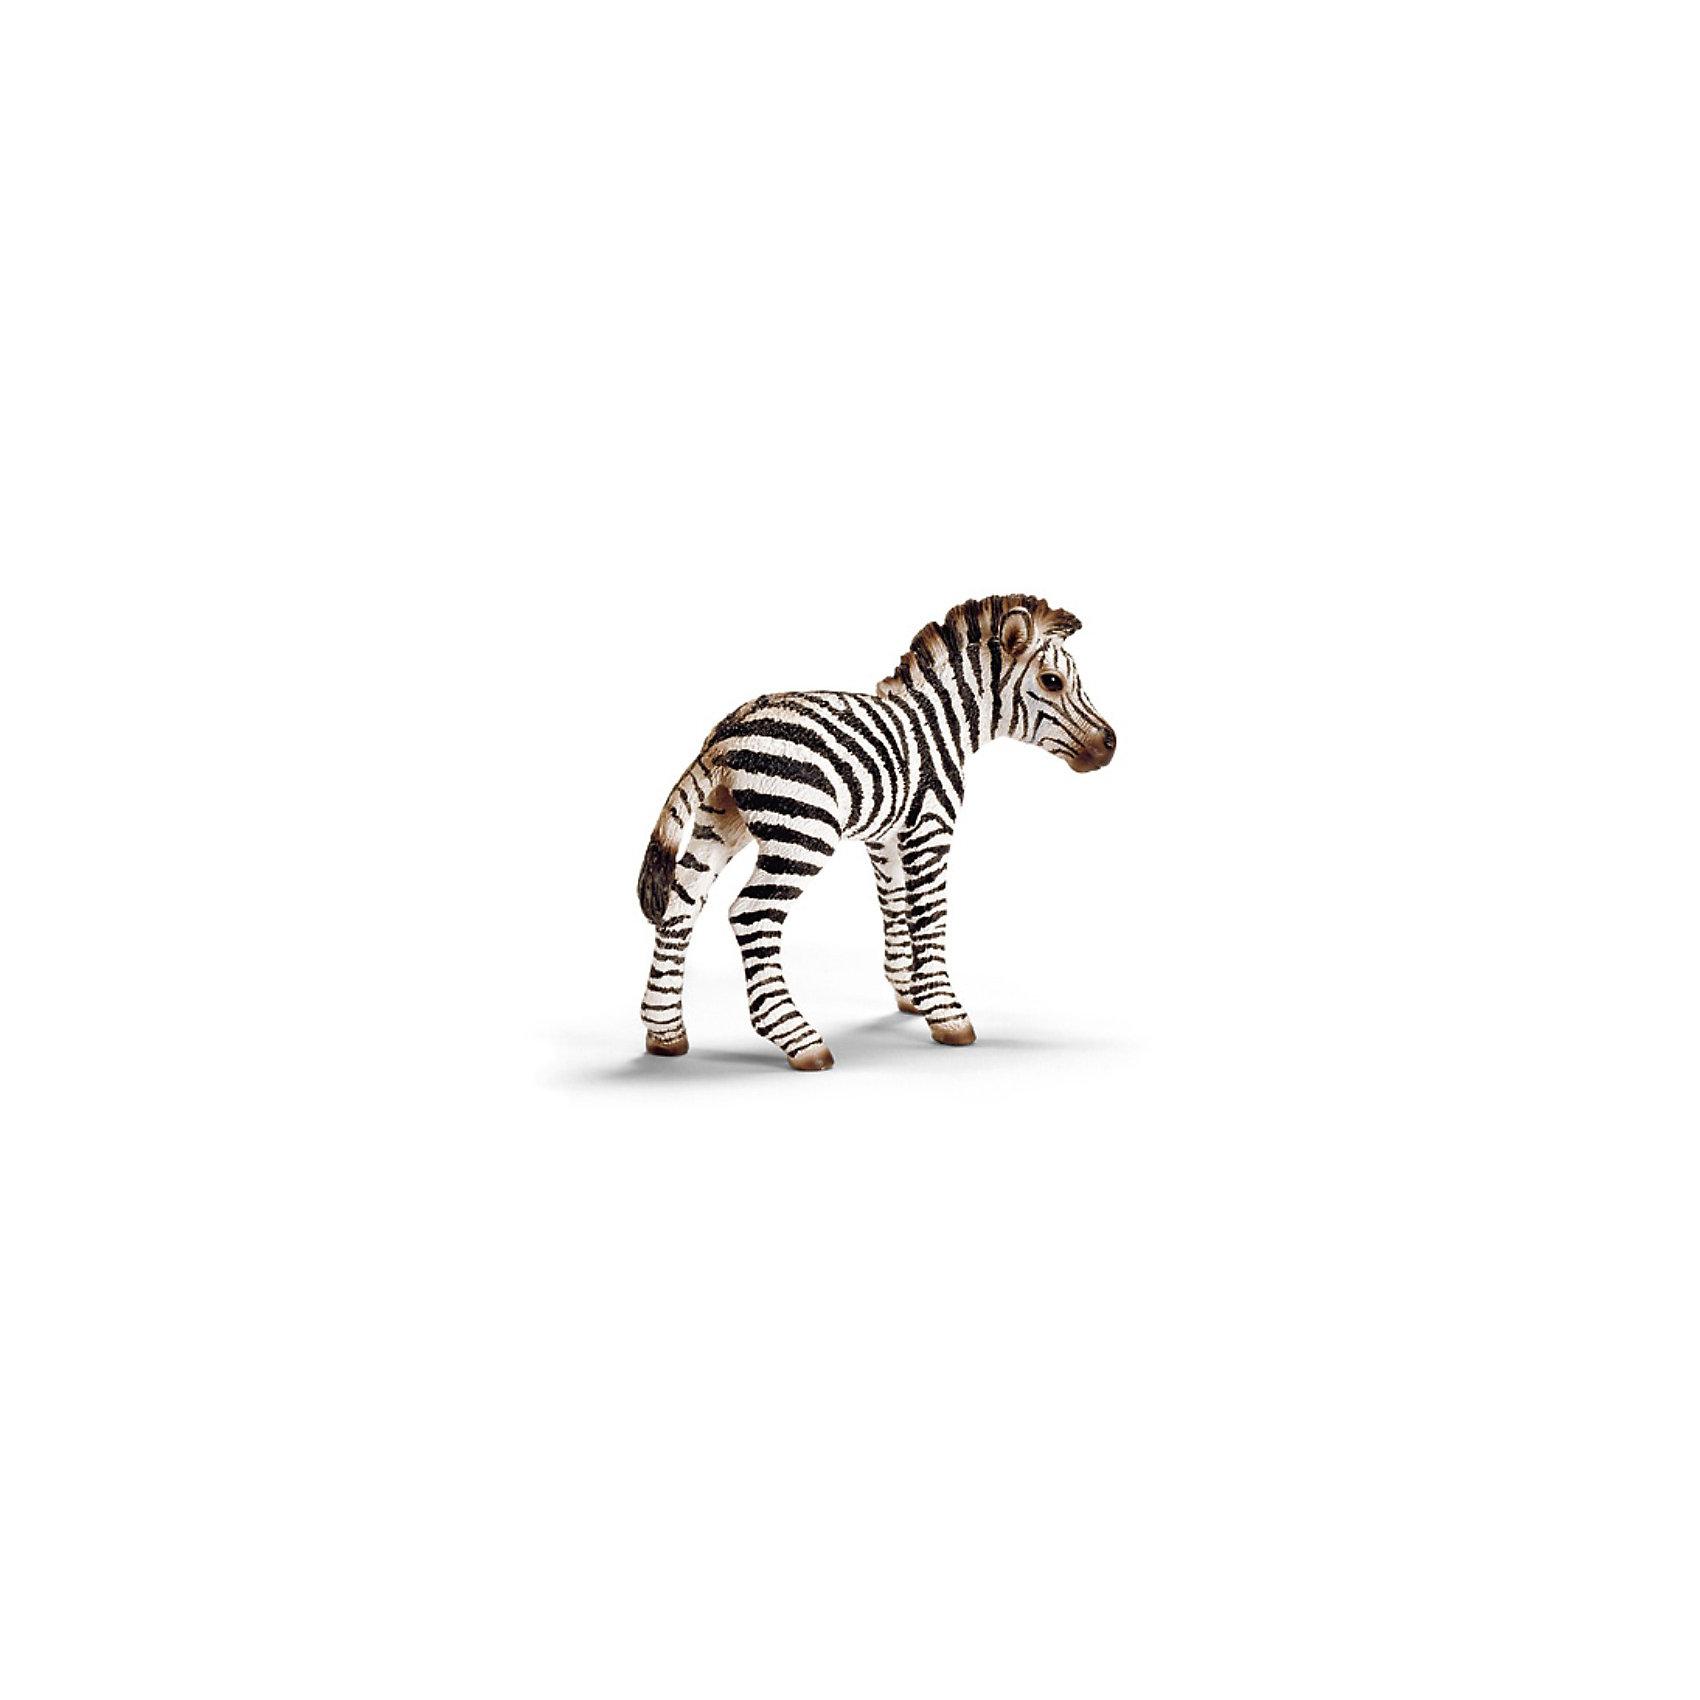 Schleich Schleich Детеныш зебры. Серия Дикие животные schleich хаска schleich